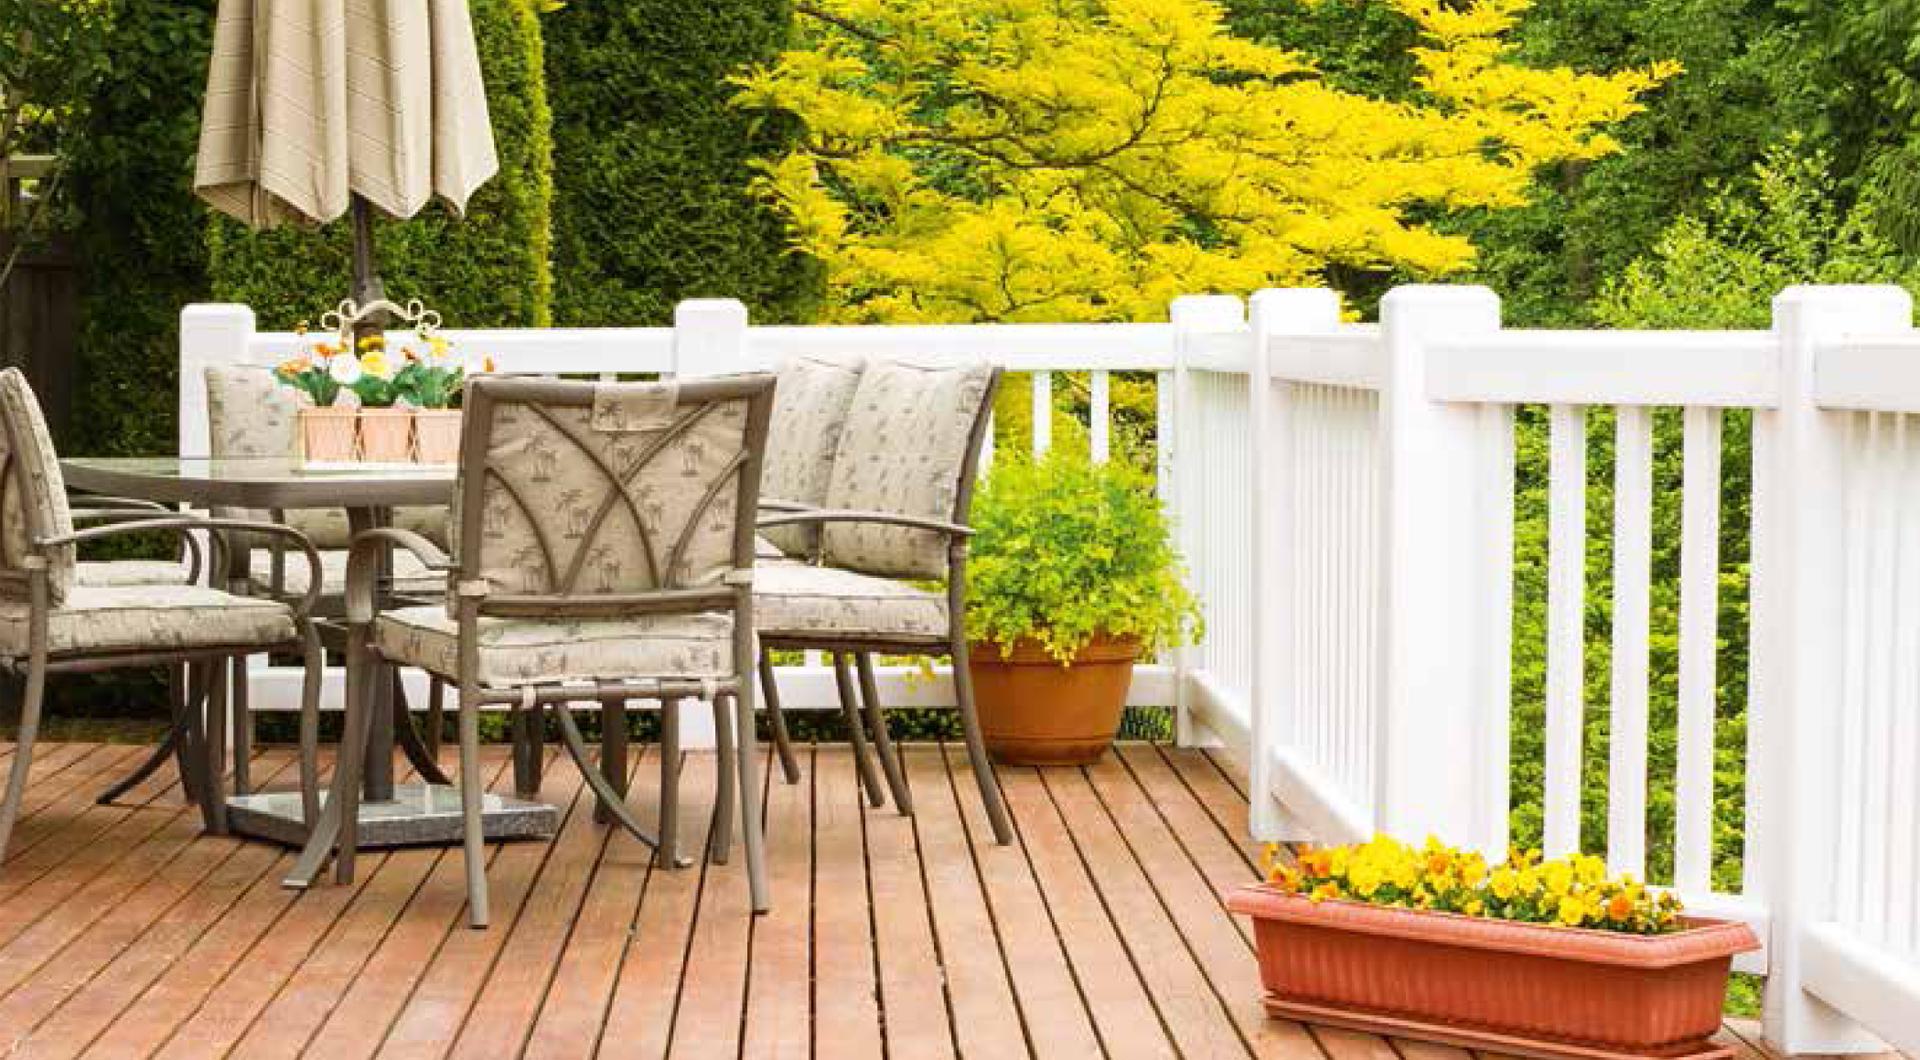 sichtschutzzaun aus holz attraktiv und robust holz roeren krefeld. Black Bedroom Furniture Sets. Home Design Ideas